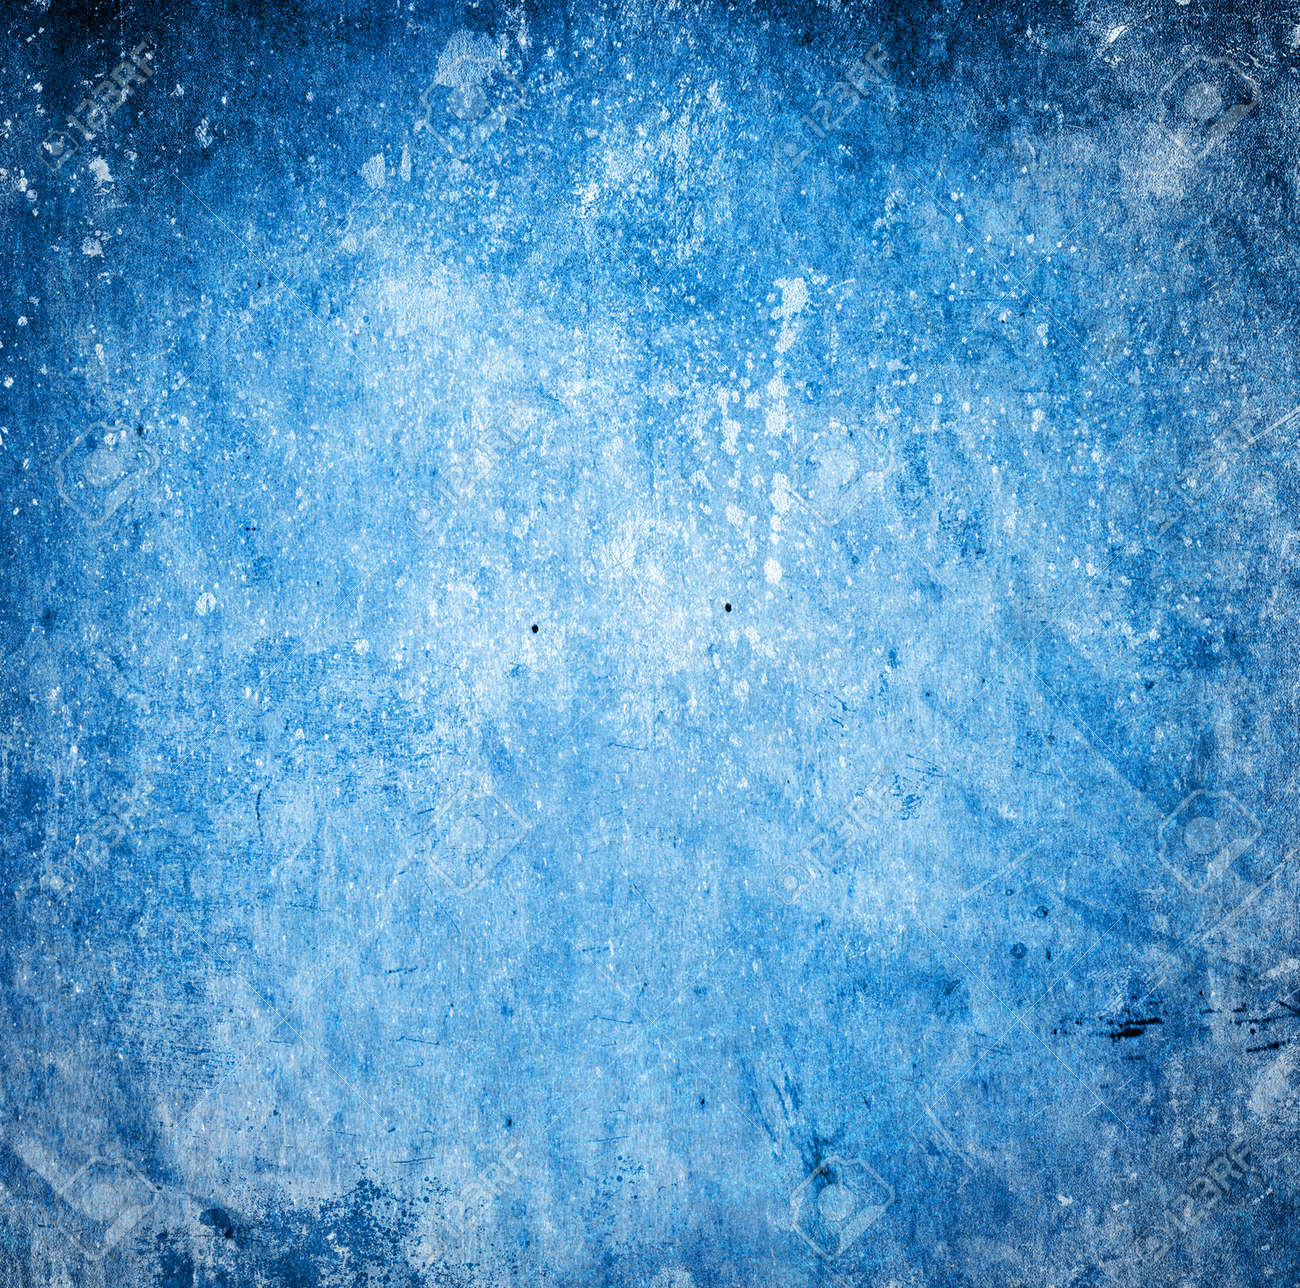 Fashion style Grunge blue background photo for girls